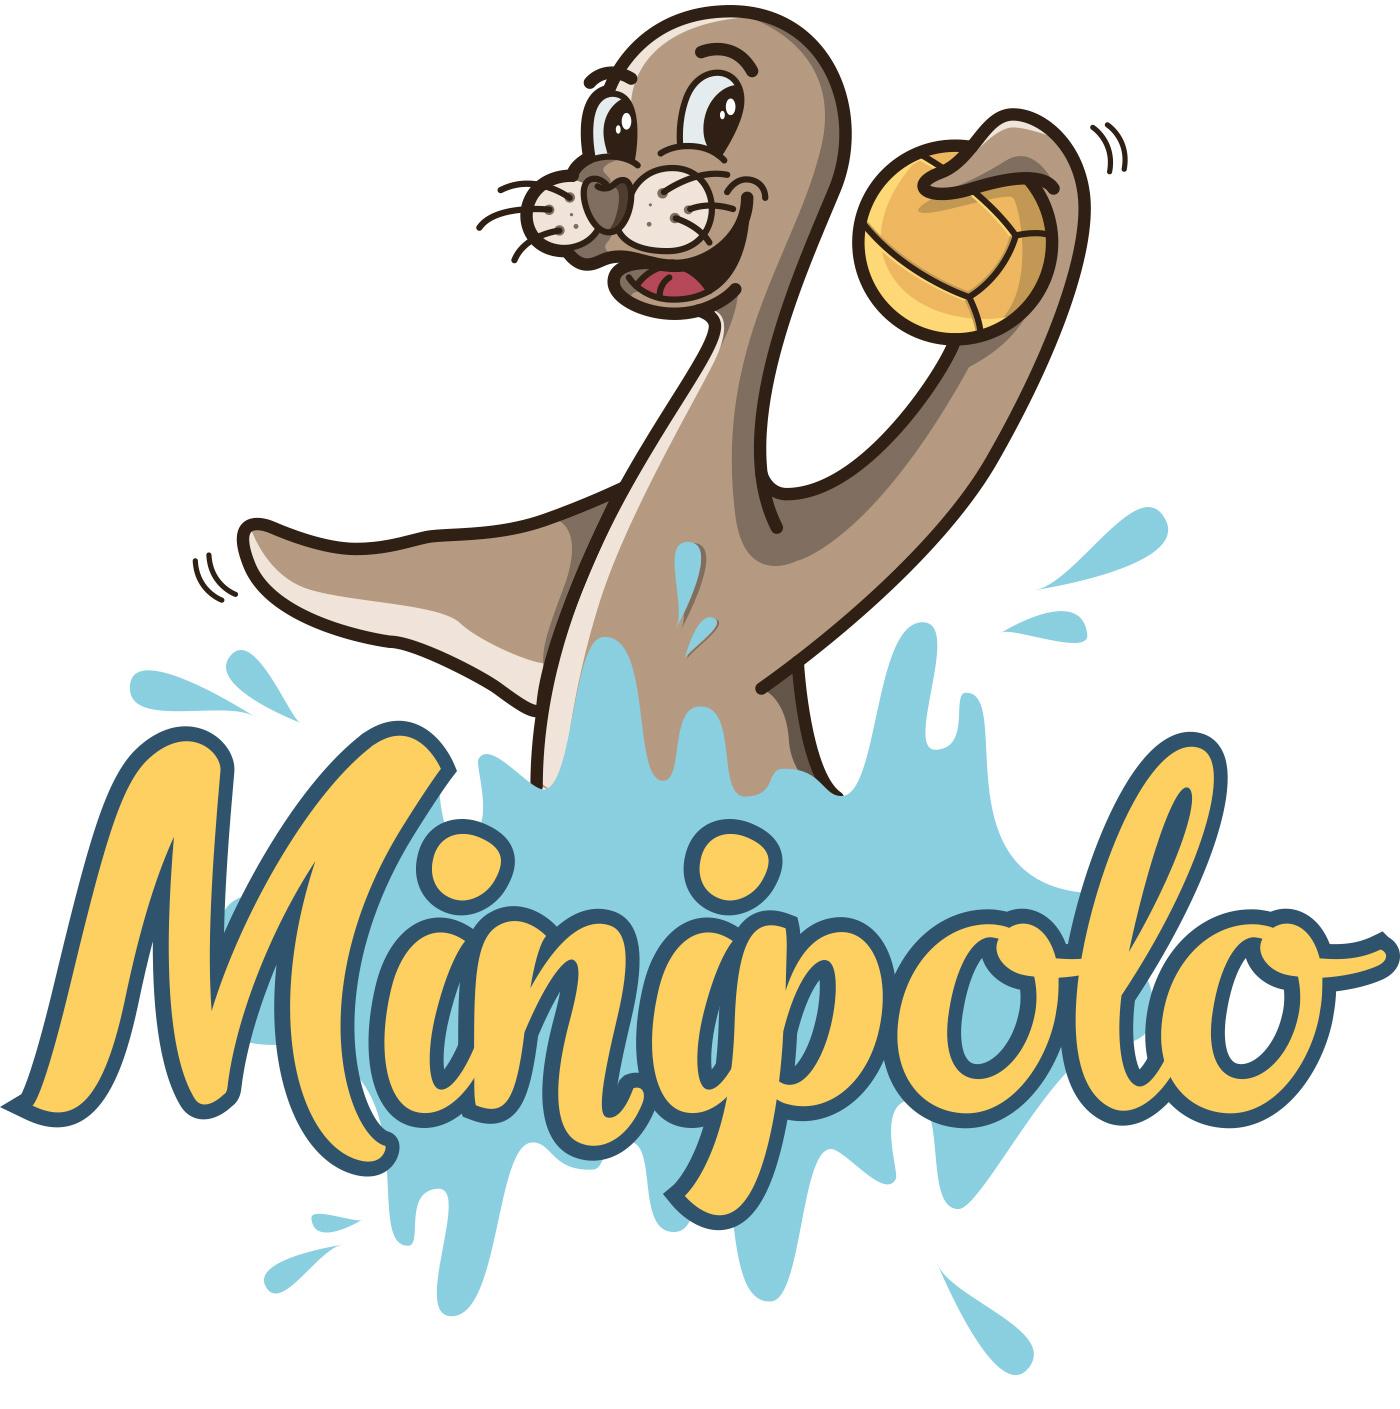 Minipolo illustrasjon